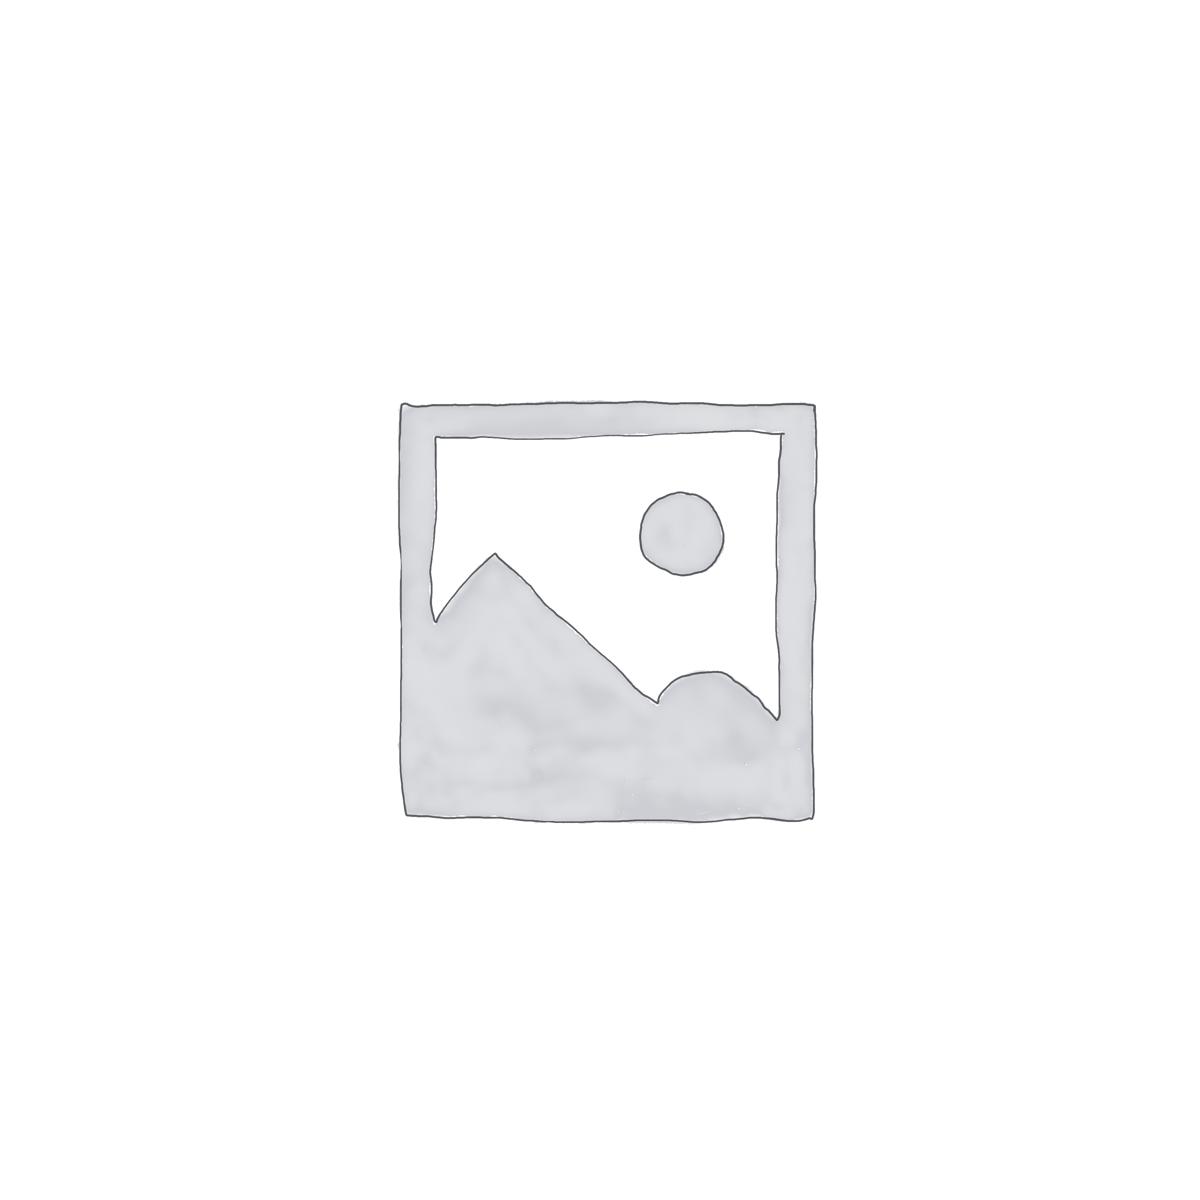 ГОСТ 28497-90 Комбикорма, сырье гранулированные. Методы определения крошимости.